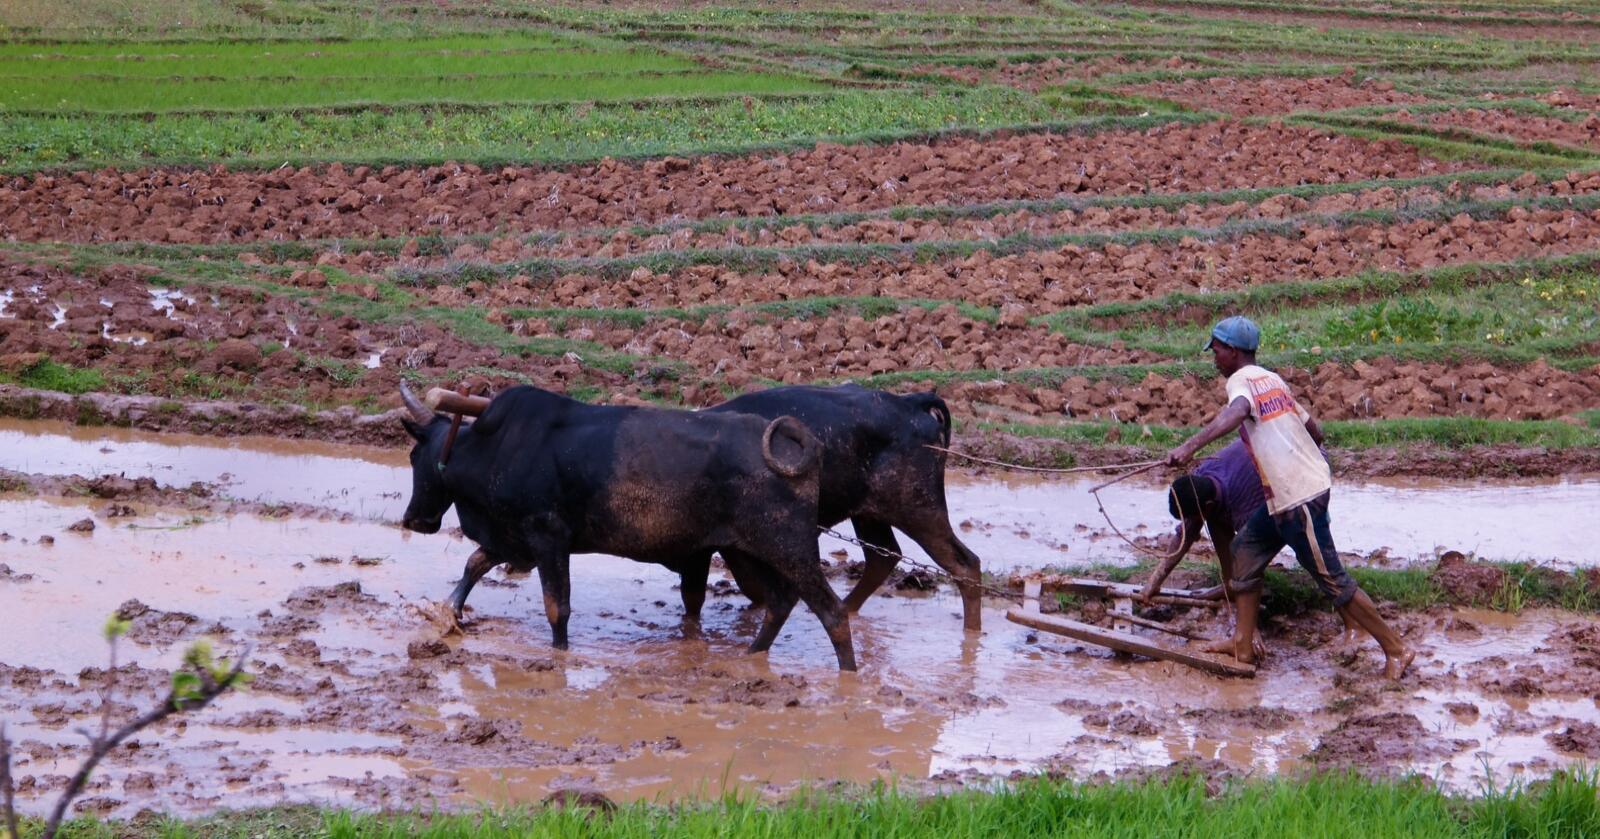 Klima: På Madagaskar har ekstremtørke ført til at over en million mennesker står på randen av sult. Norge ønsker å bidra til at småbønder er i stand til å håndtere de værsituasjonene de nå står overfor. (Foto: Sergey Mayorov, Mostphotos)